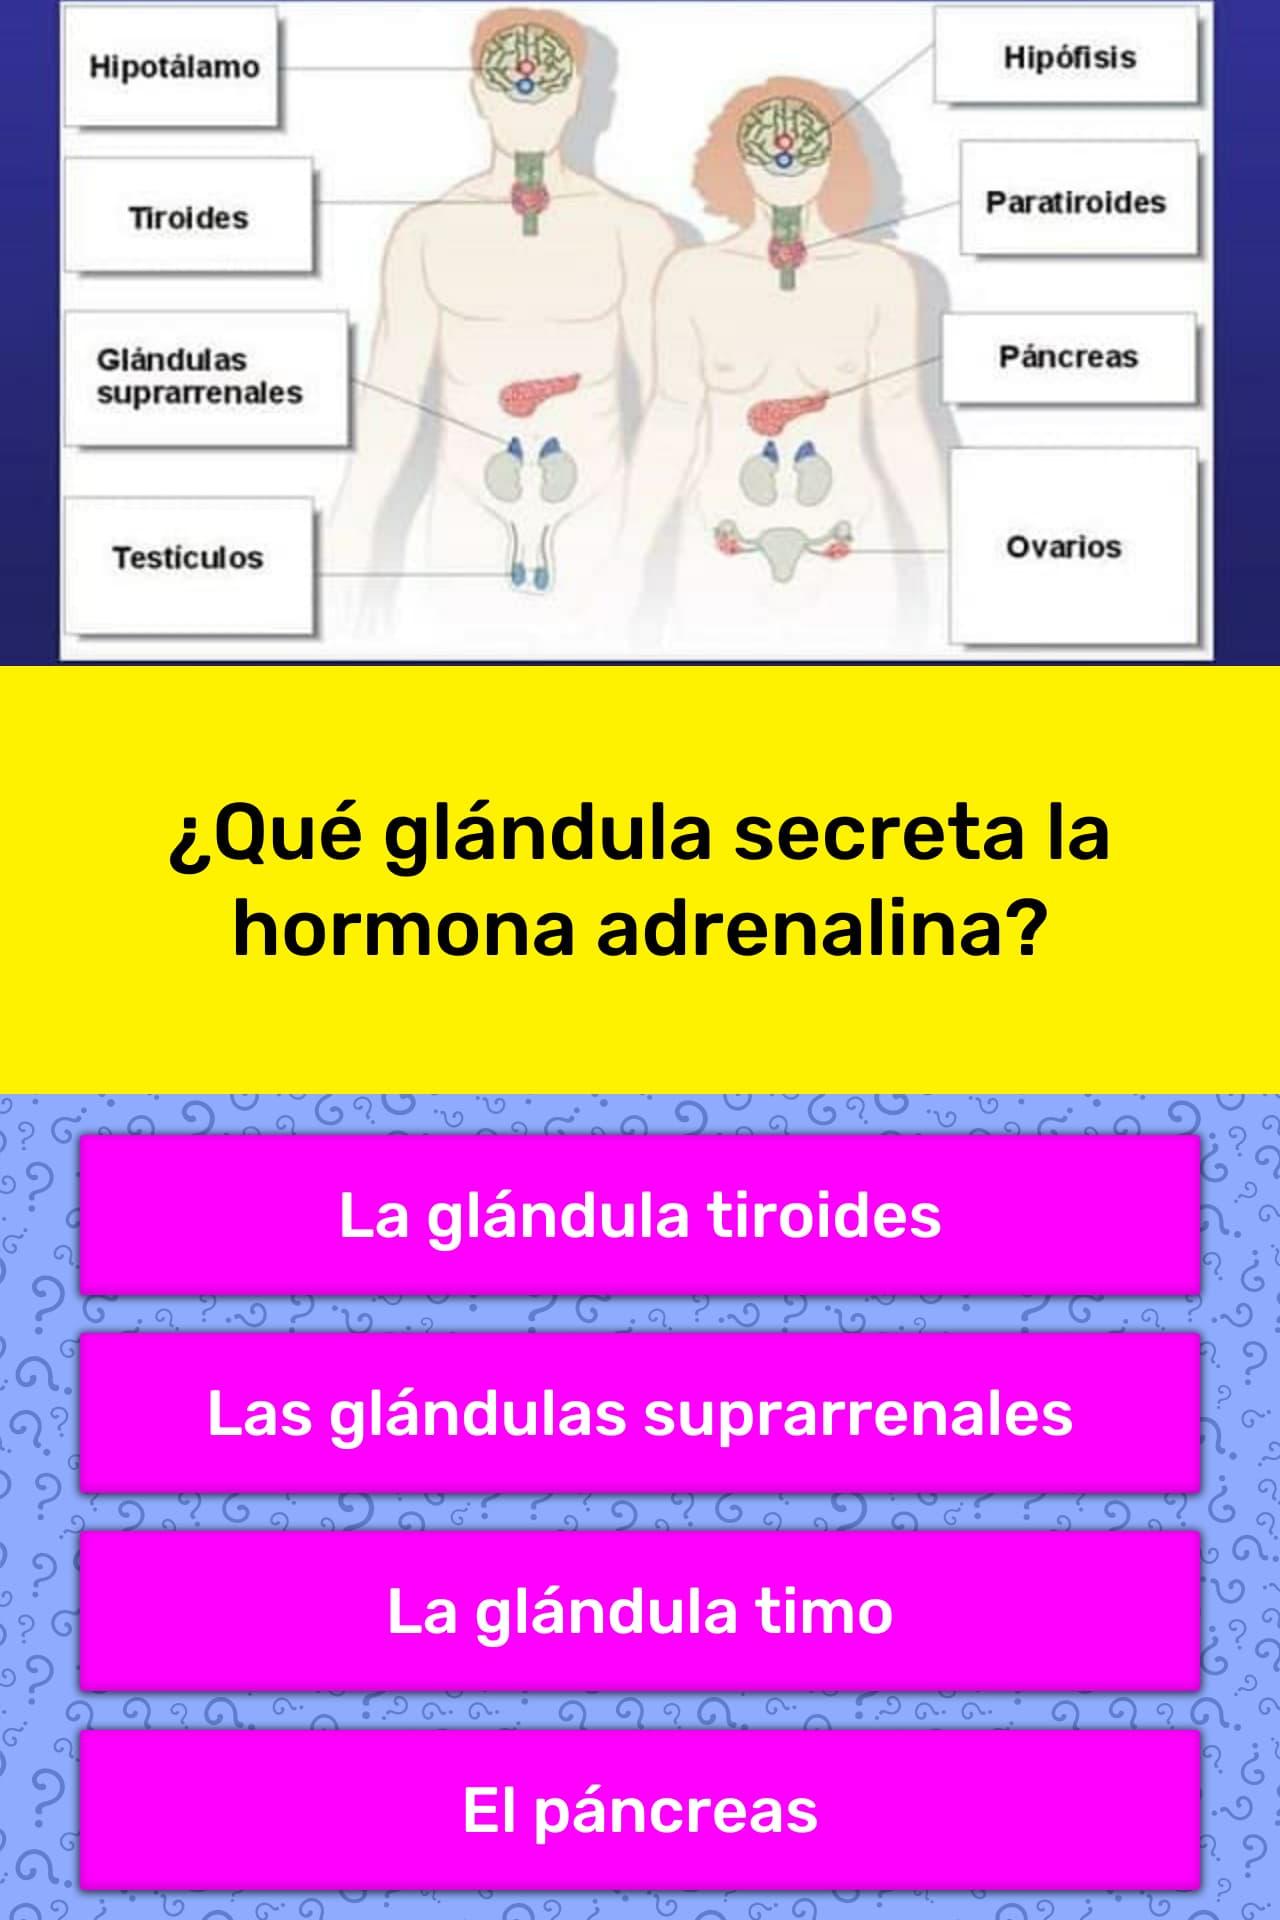 hormonas que libera glandulas suprarrenales